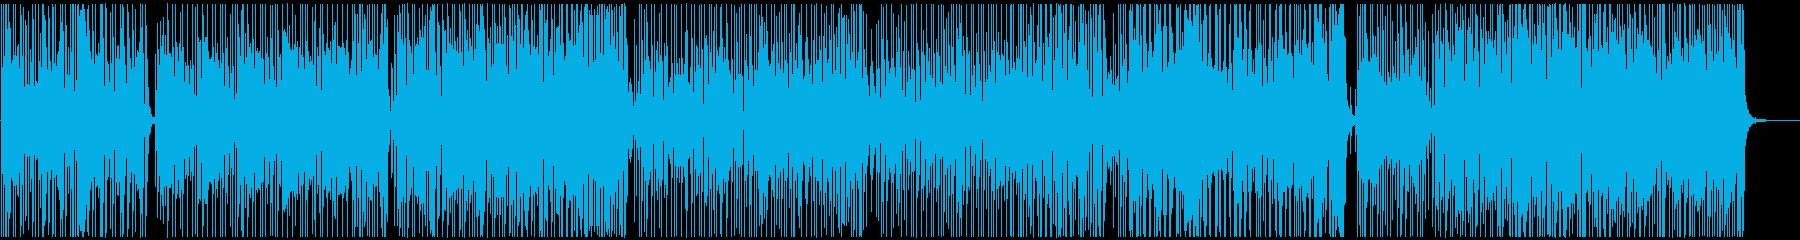 サラサラ ジャズ 壮大 バンド 振...の再生済みの波形